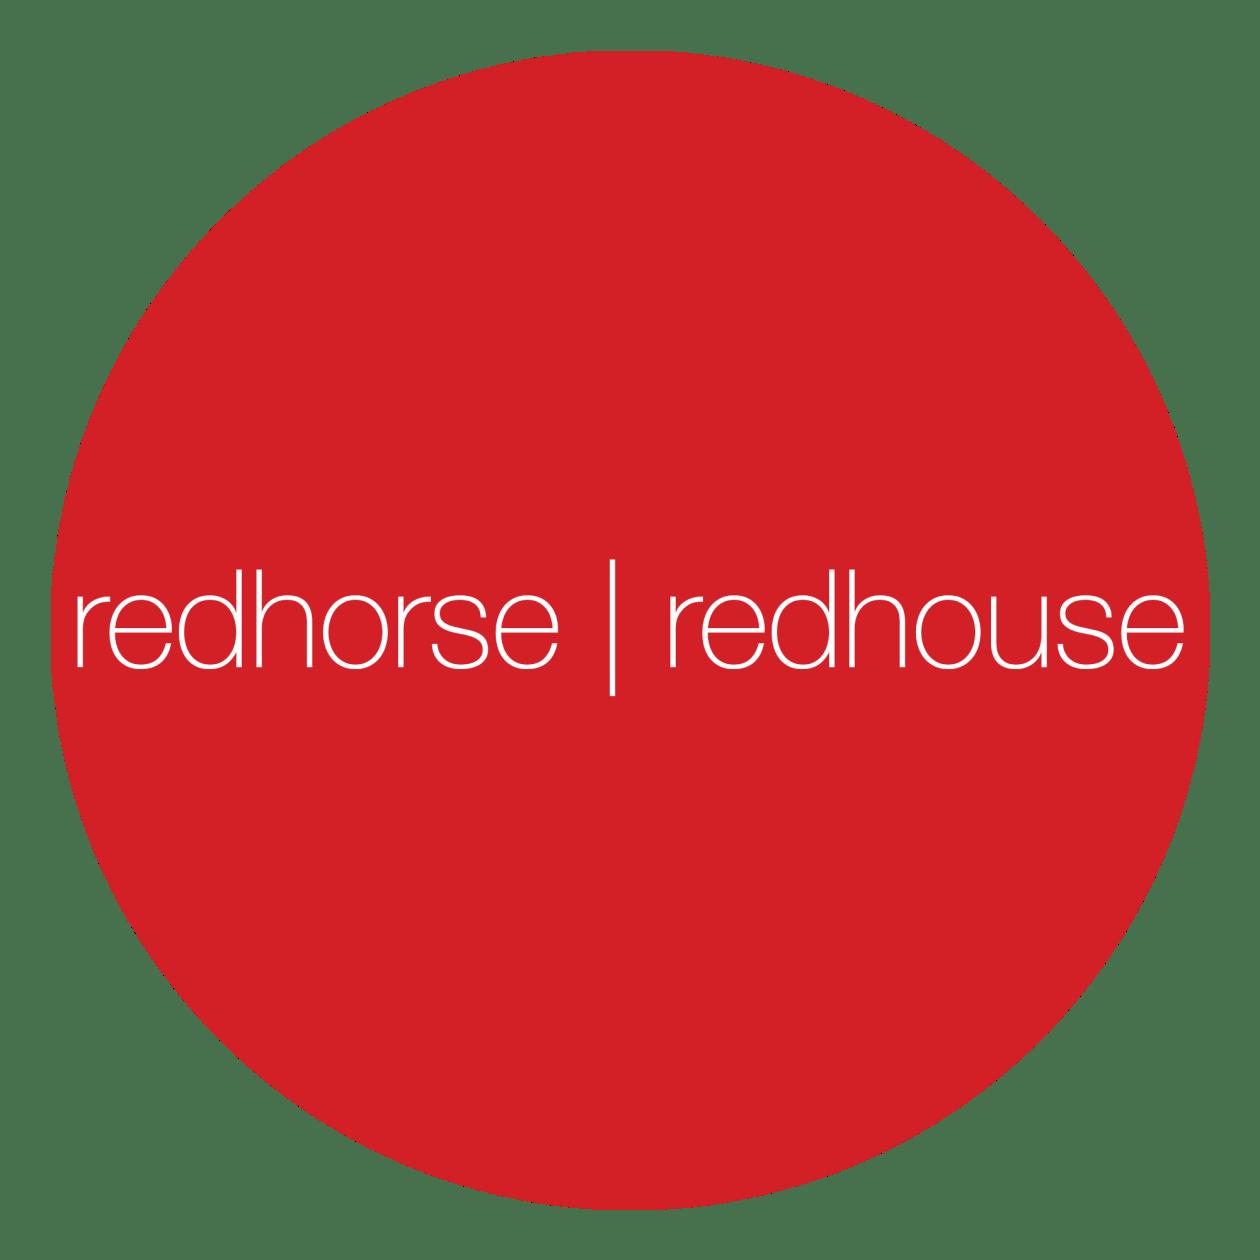 attribute-collaborator-redhorse-redhouse